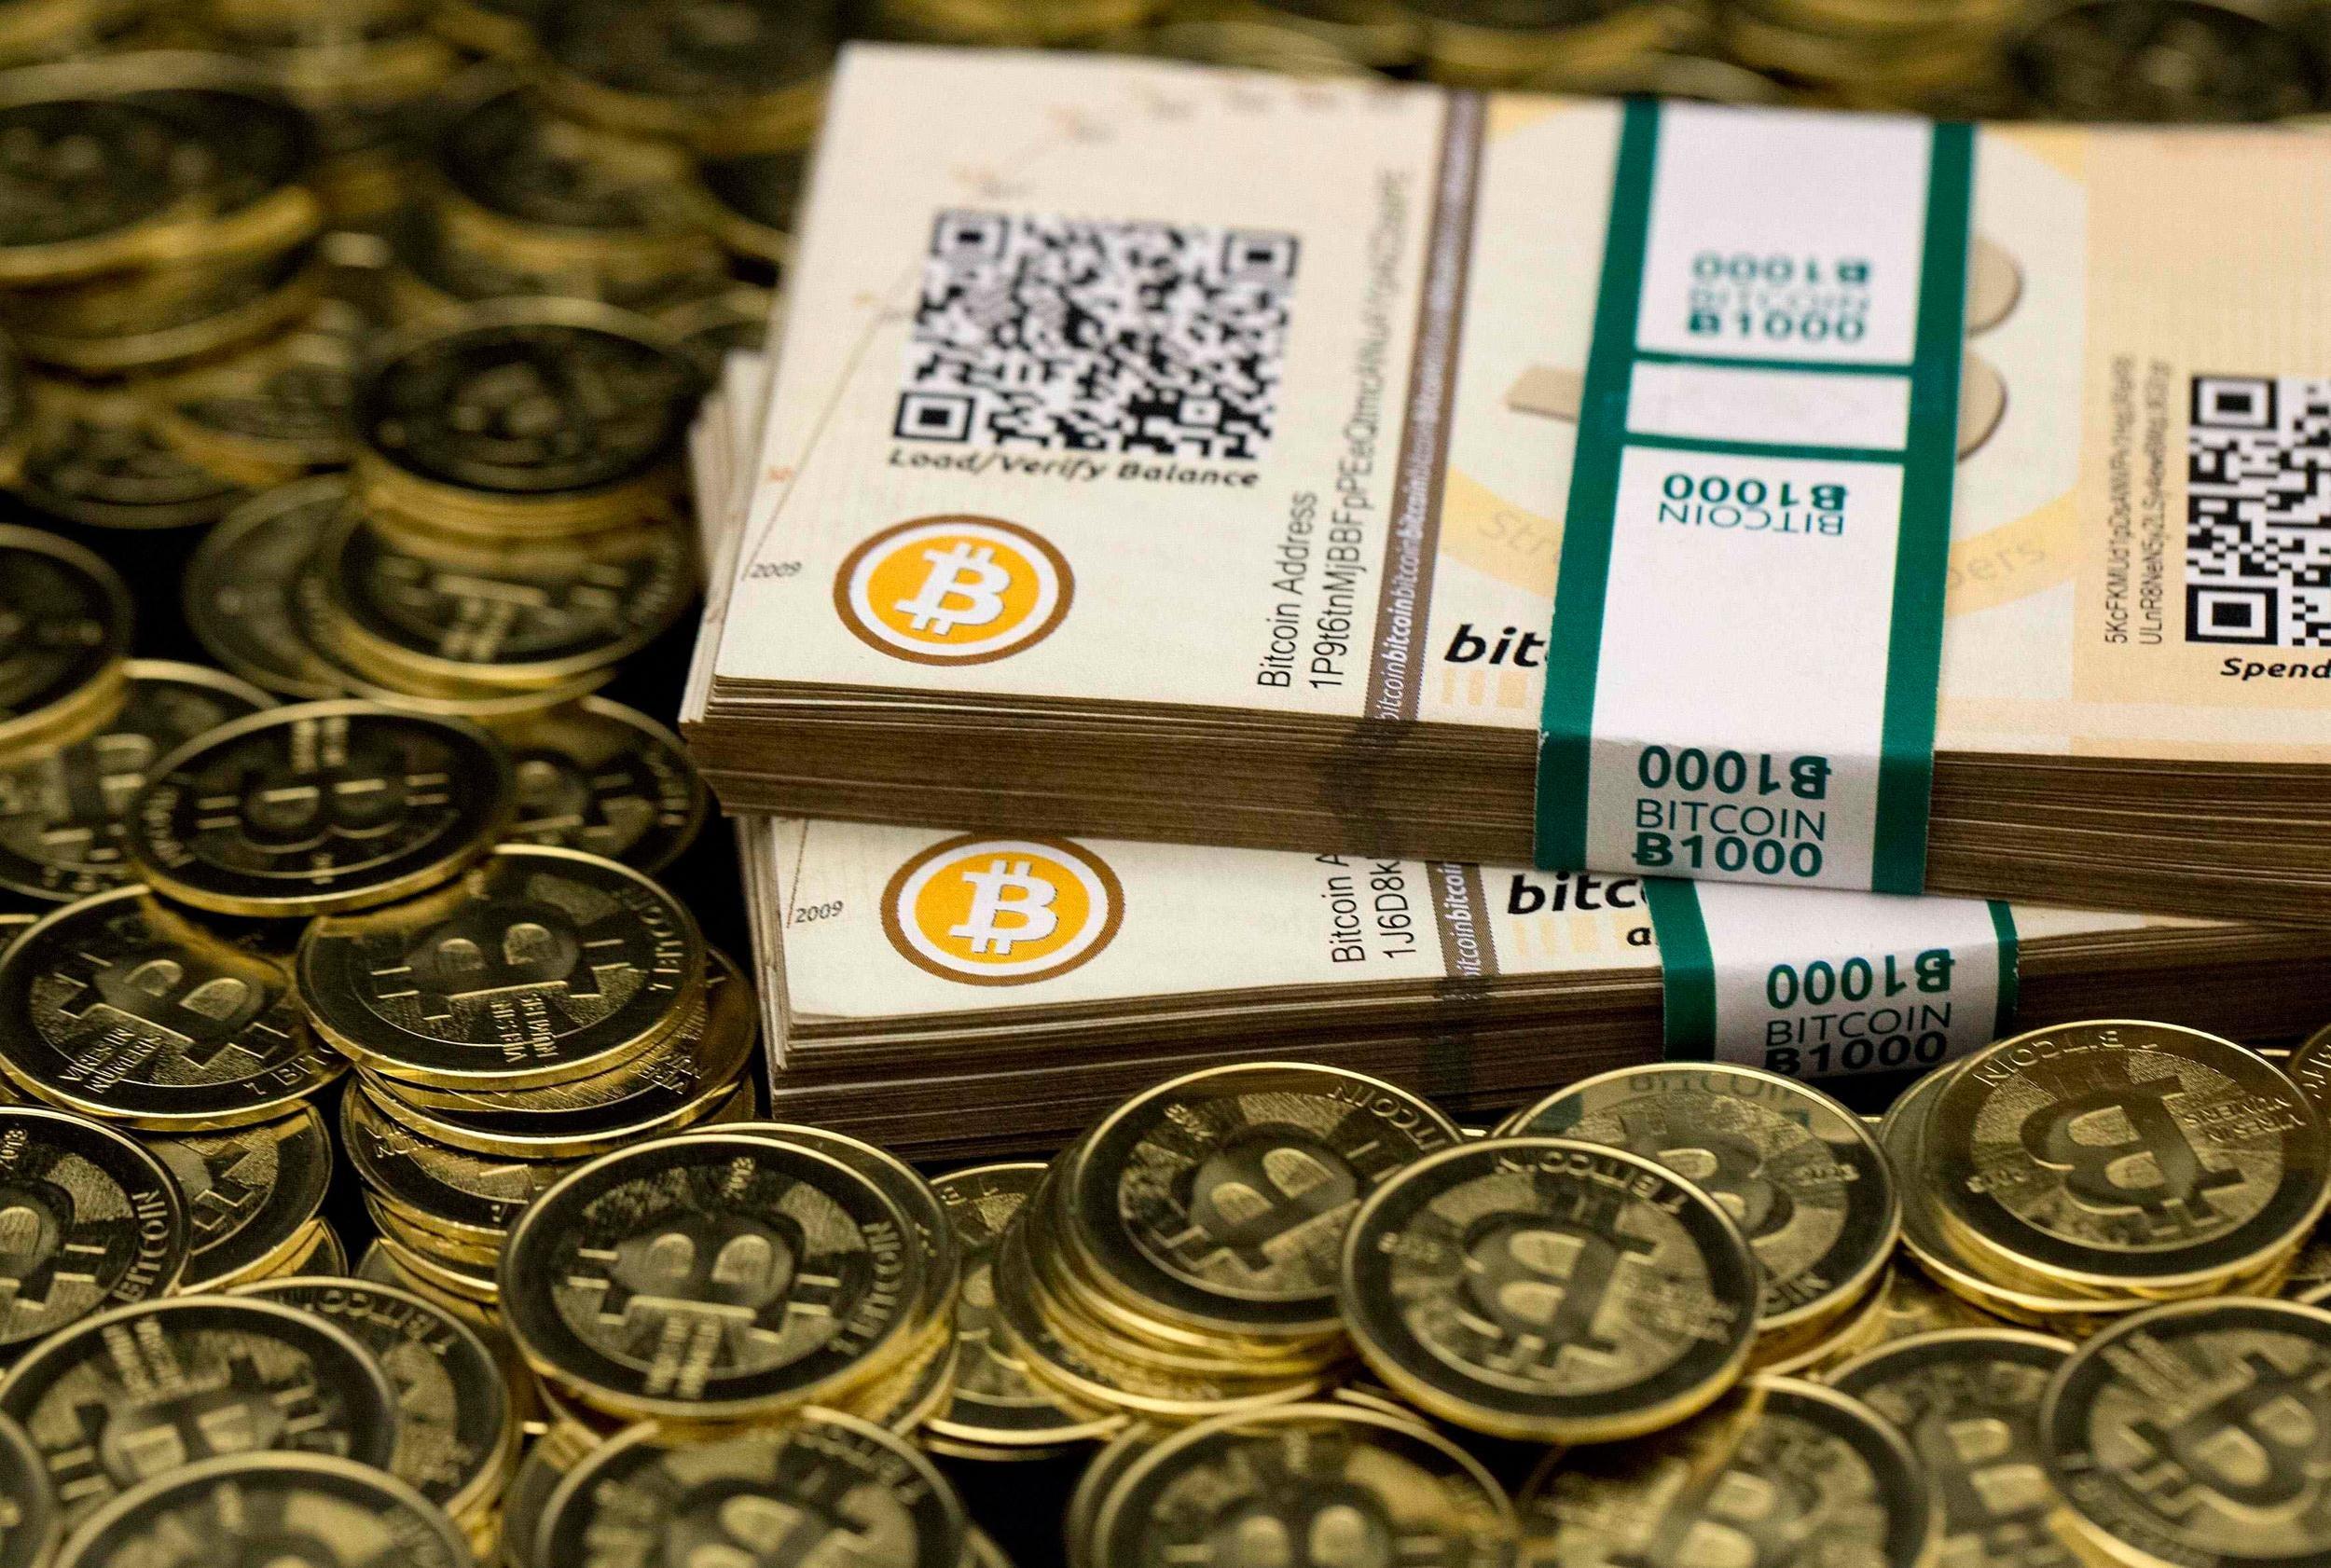 Курс биткоина впервые превысил отметку в $8000